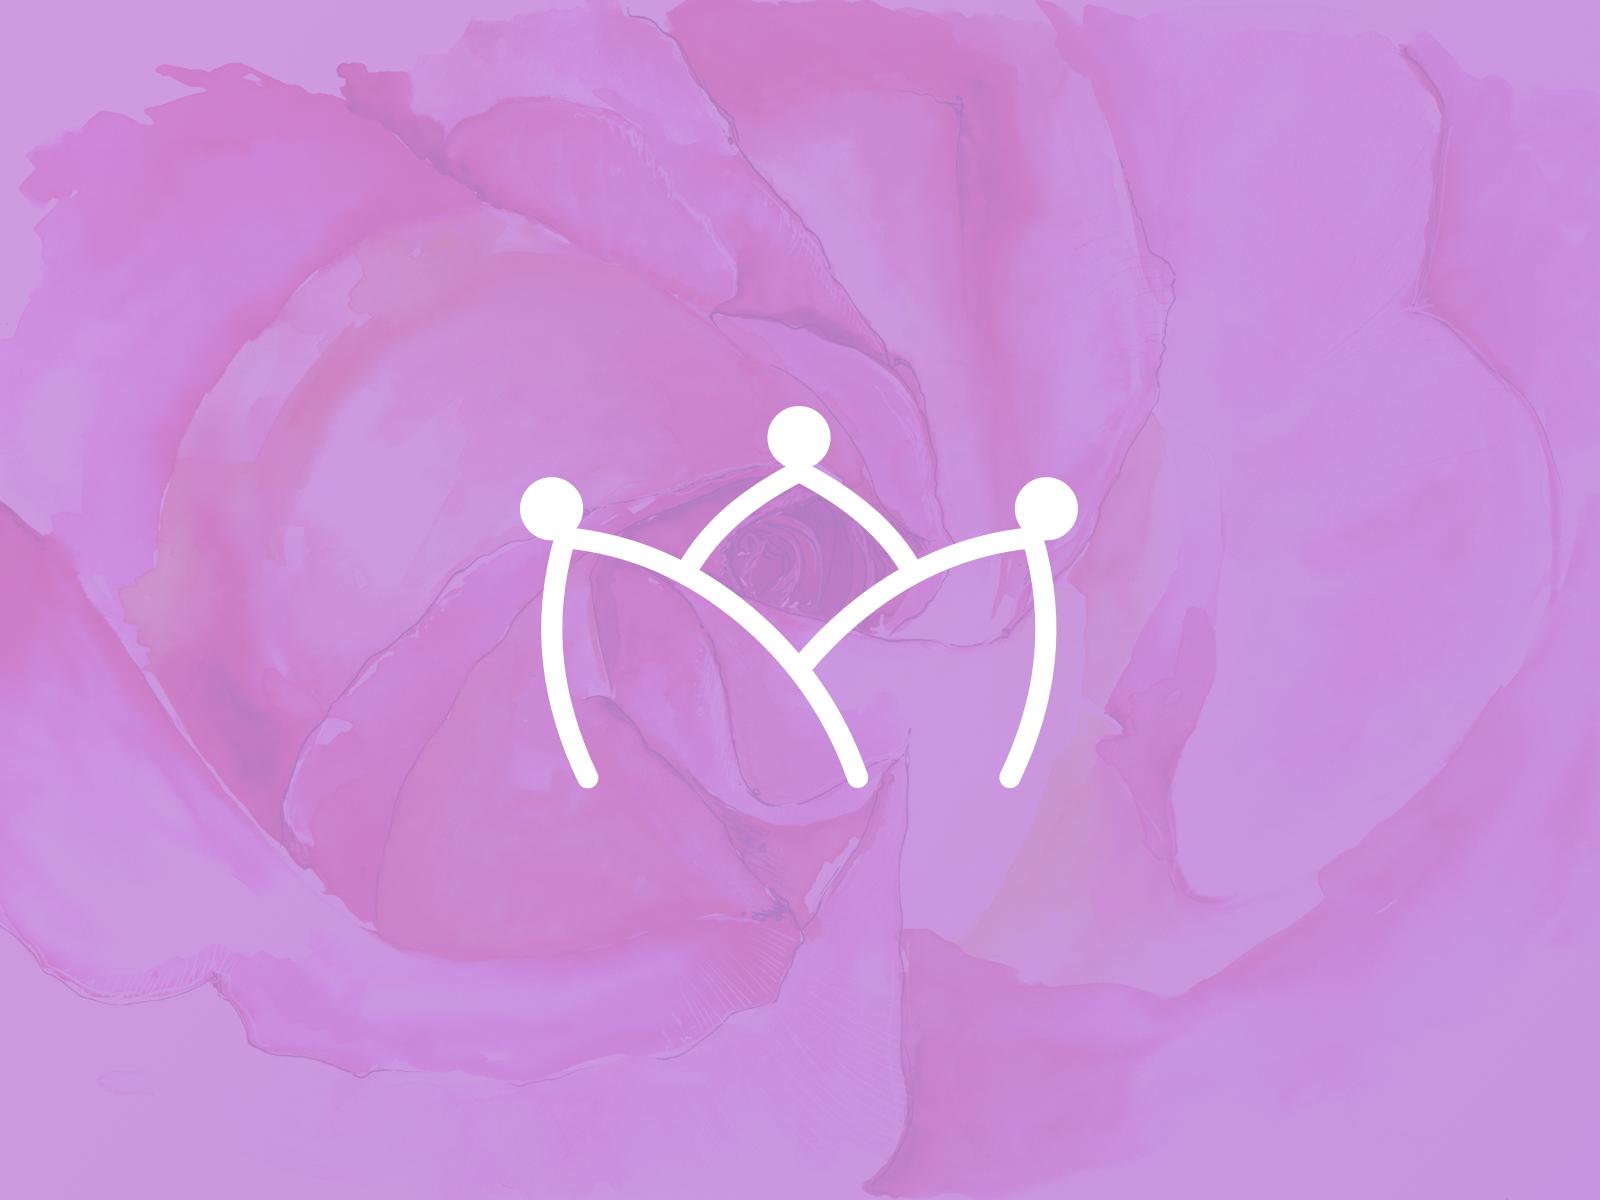 Herlandia logo